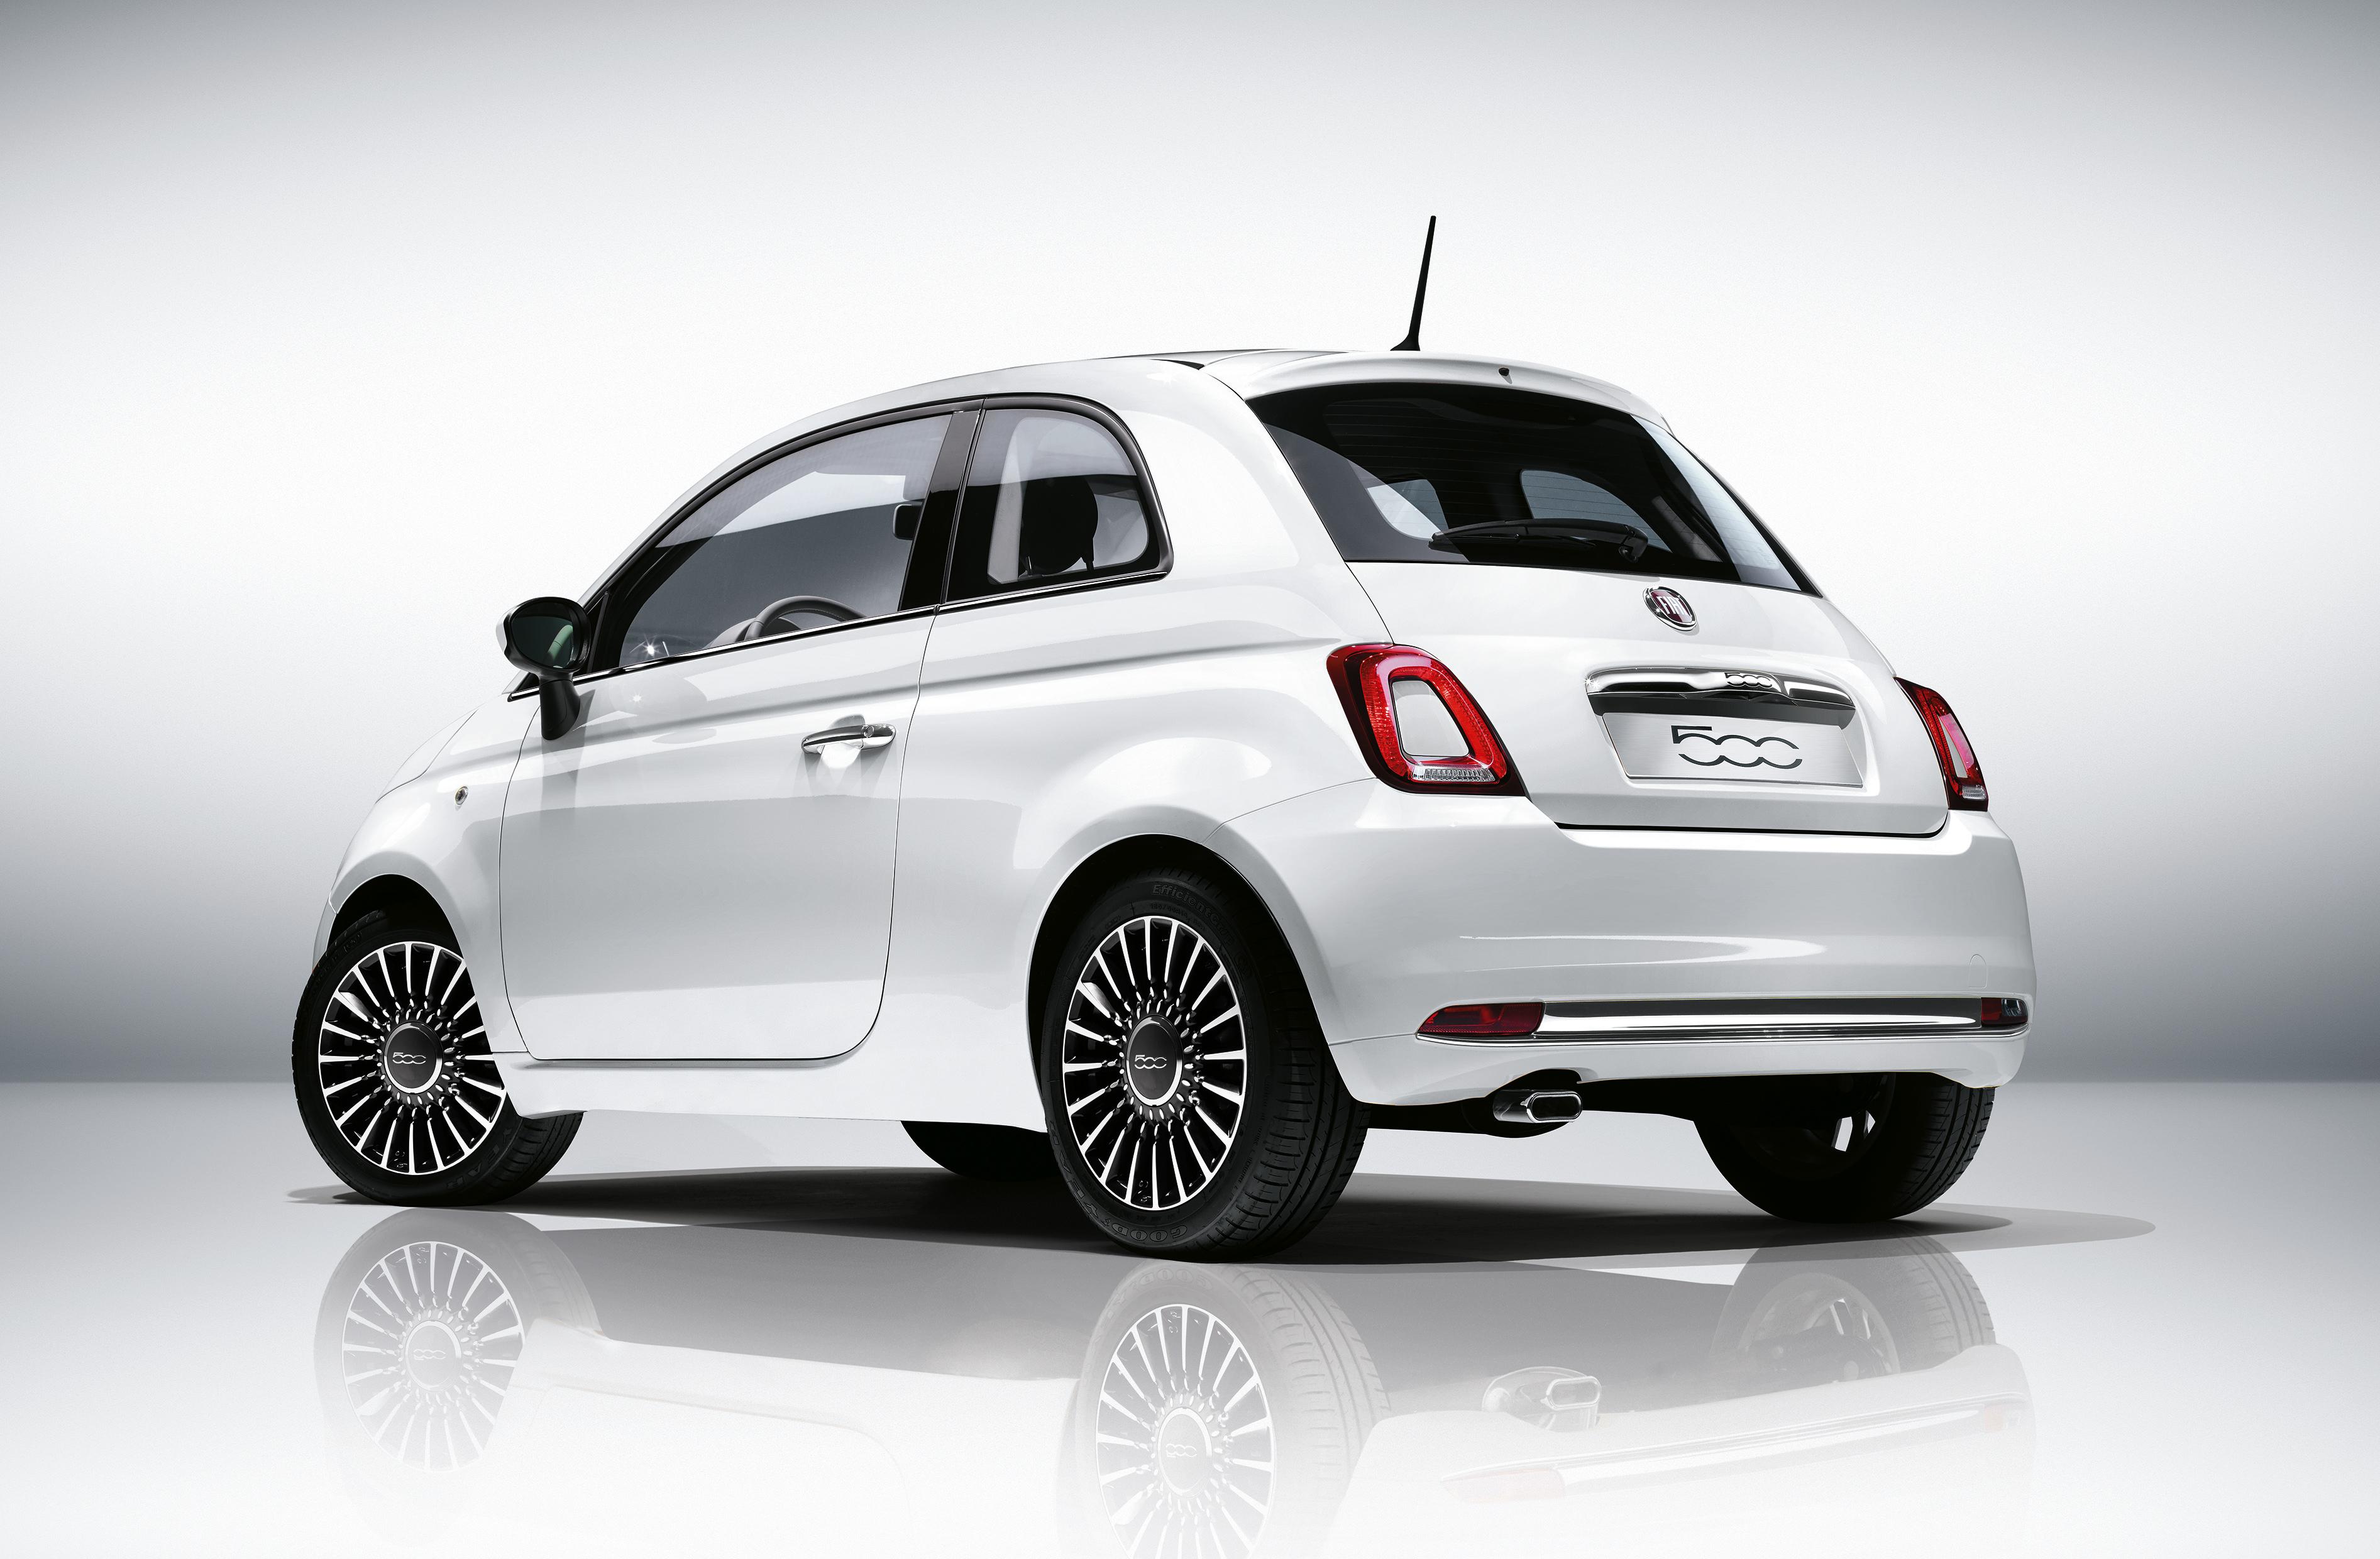 Fiat 500 - Nuova 500 - 2016 - profil arrière / rear side-face